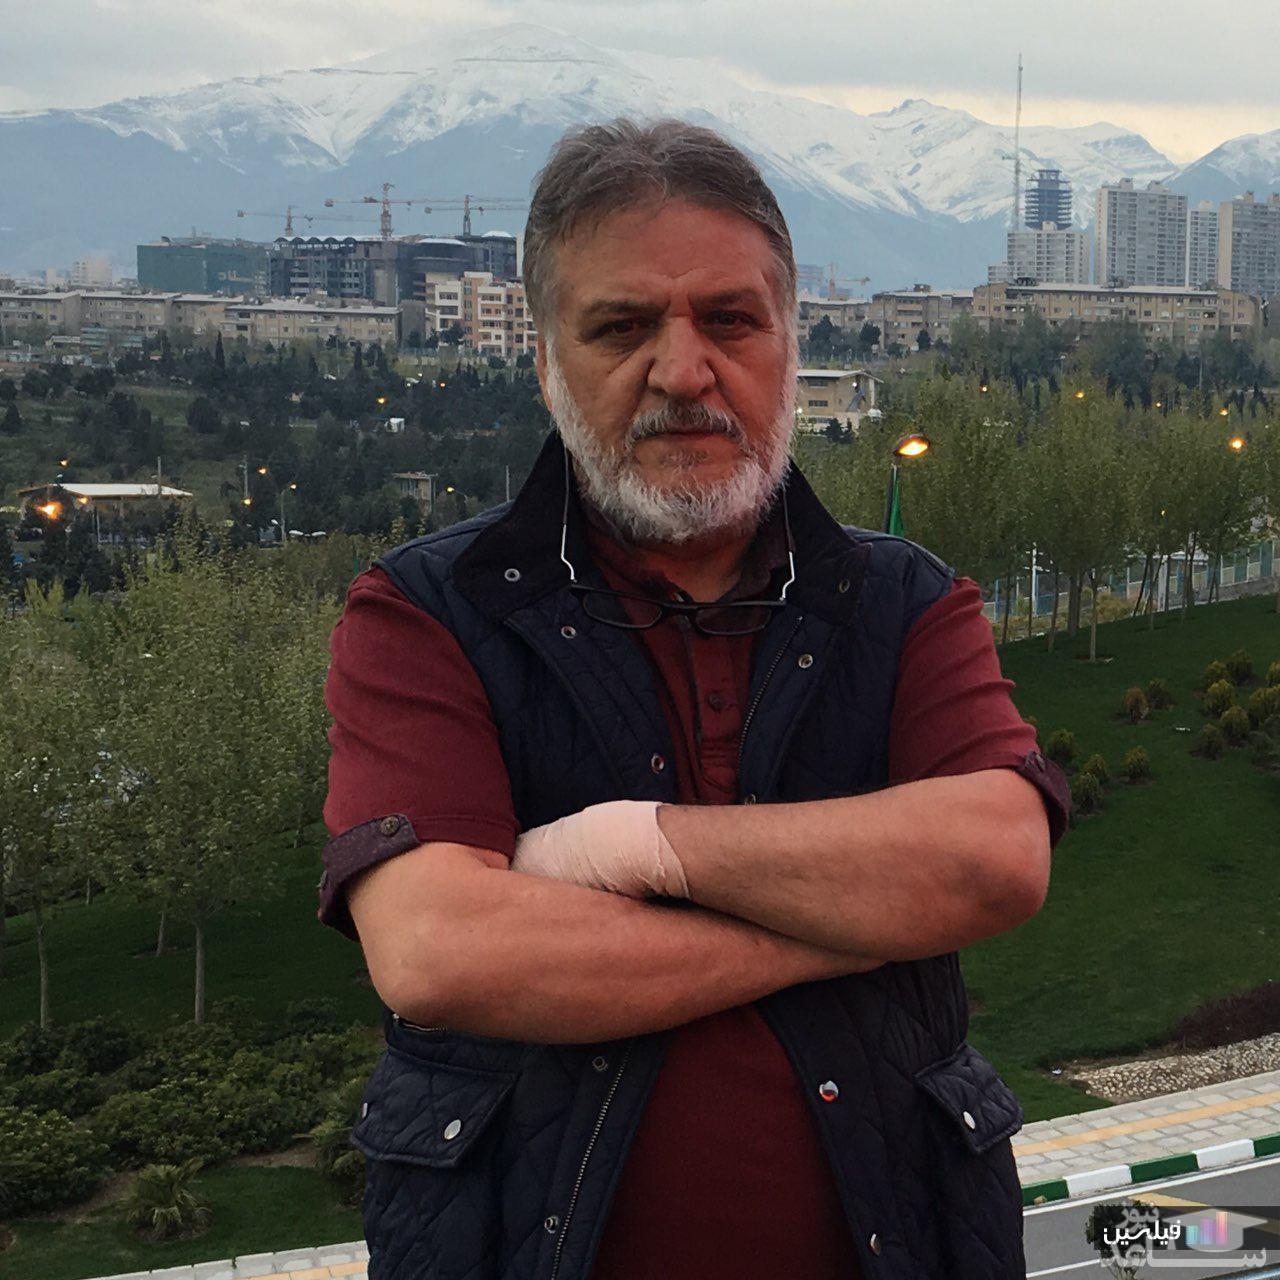 زندگی خصوصی خسرو شهراز و همسرش +عکس های جذاب و دیدنی